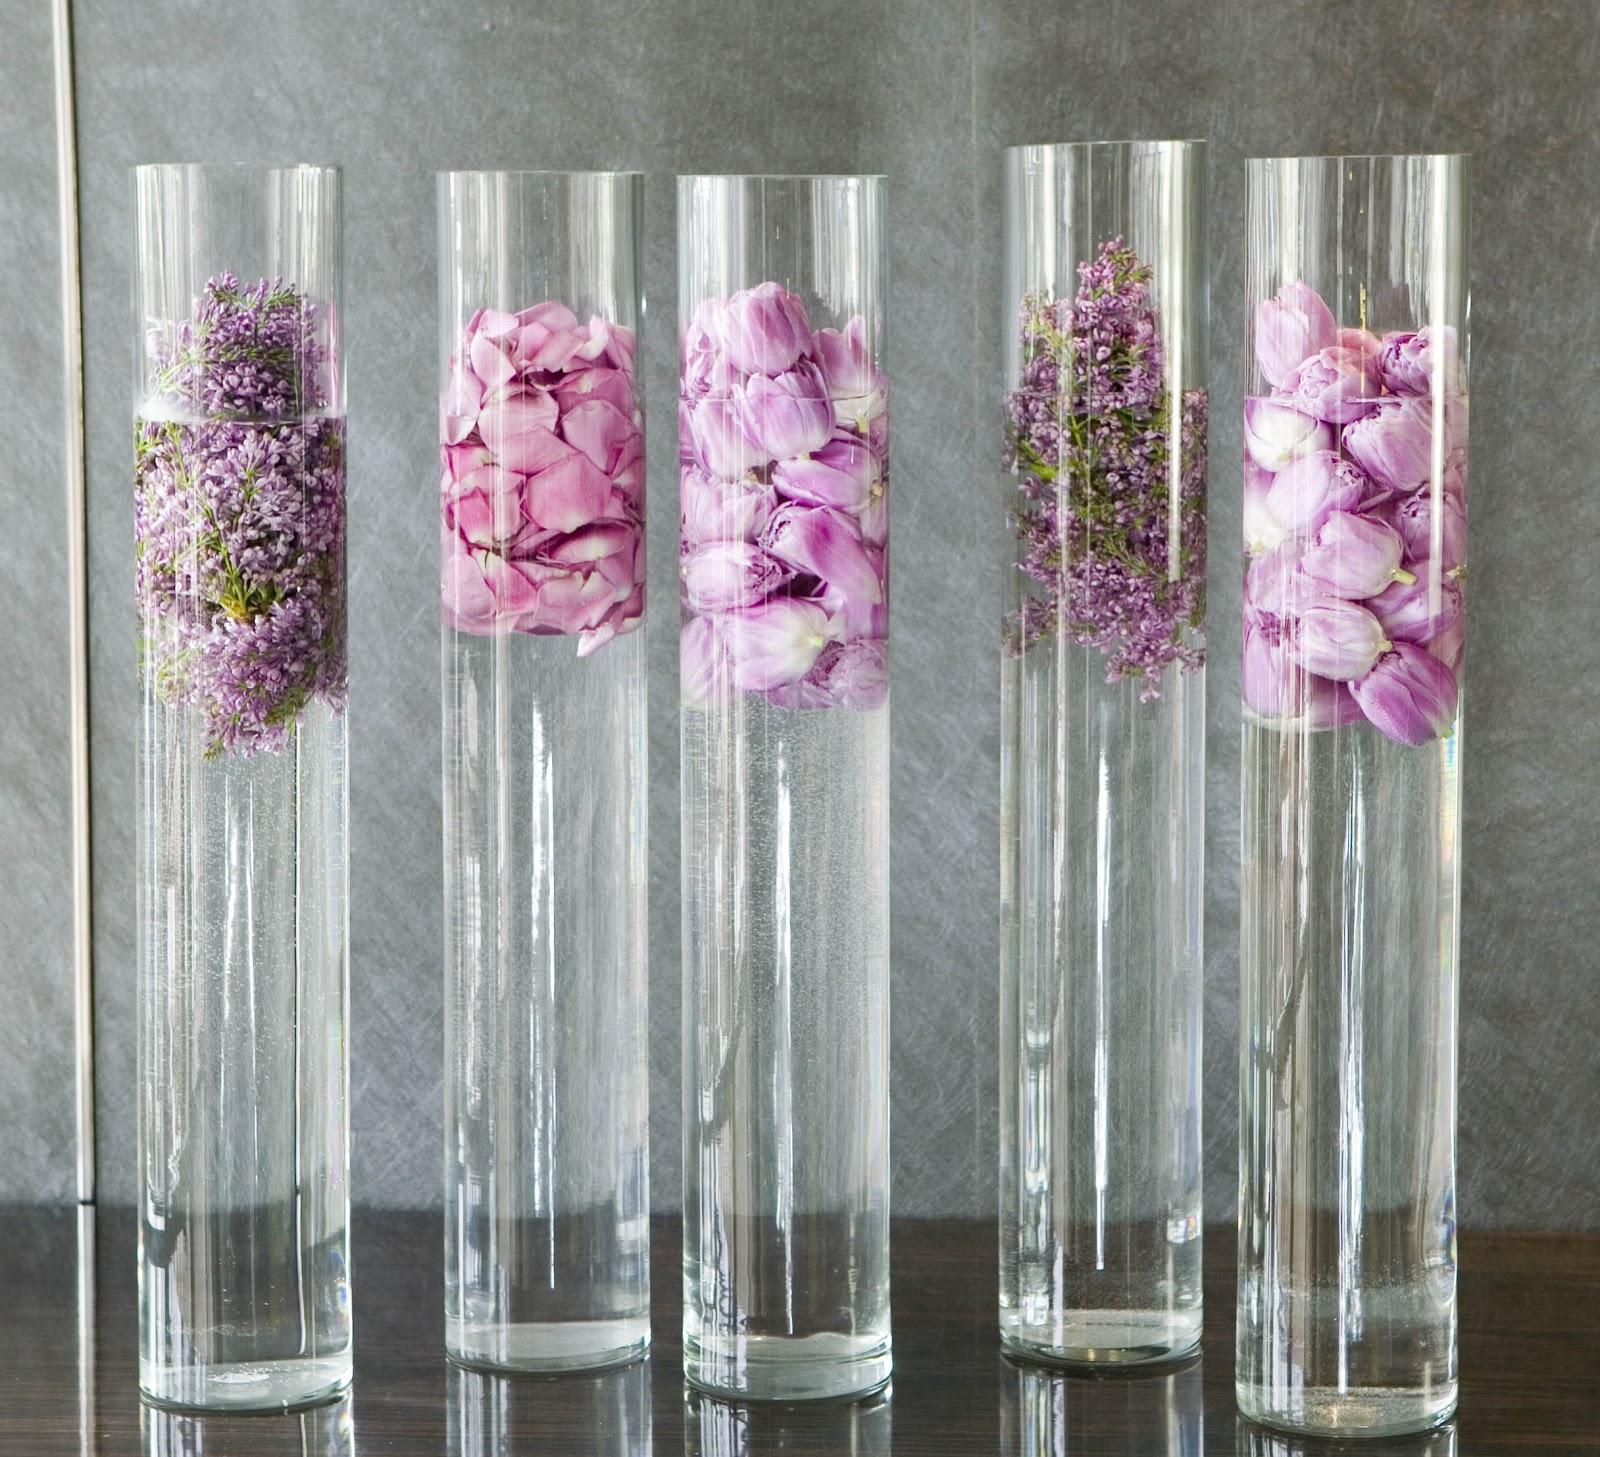 100 лучших идей: Декор вазы своими руками на фото - Рататум 7